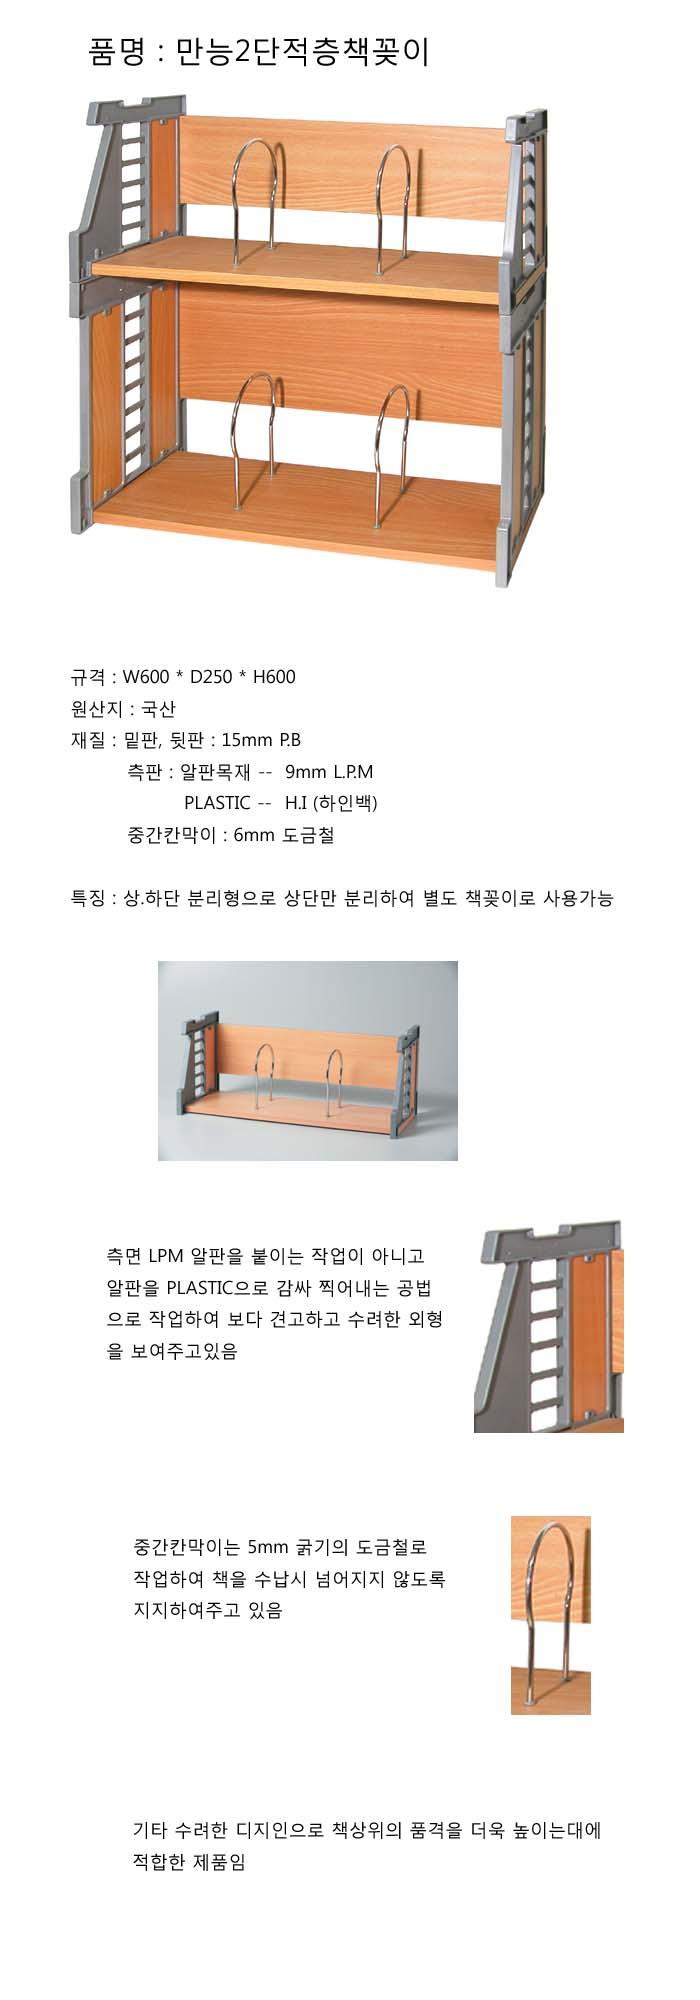 원목2단적층책꽂이(만능/퍼즐박스) - 오피스디포, 51,400원, 독서용품, 북앤드